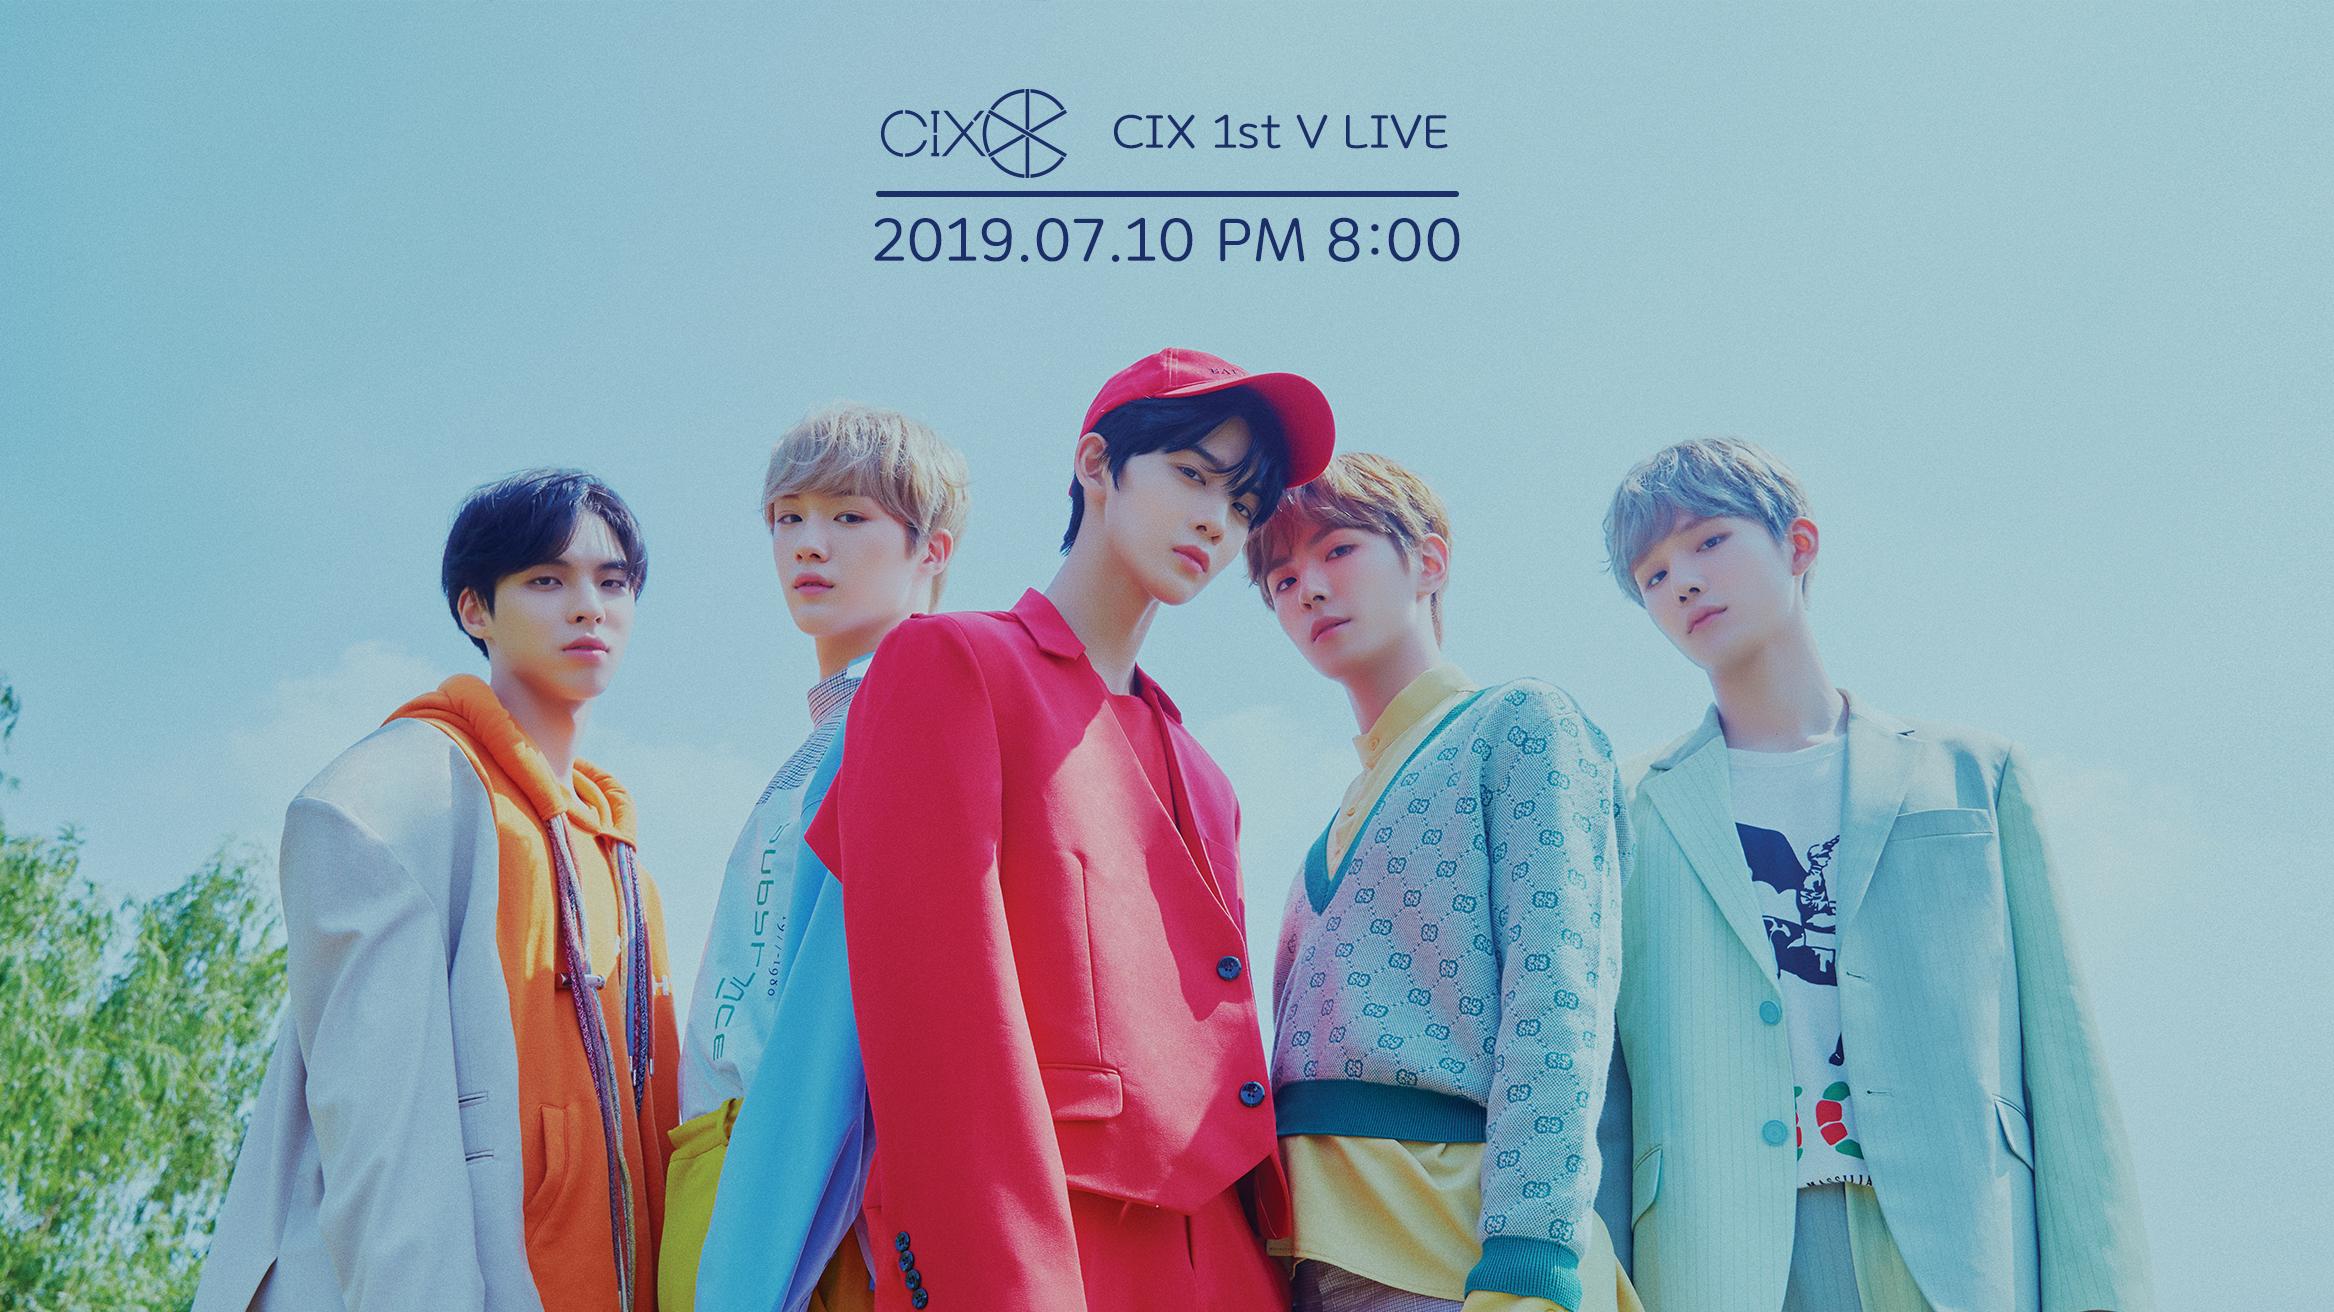 CIX 1st V LIVE